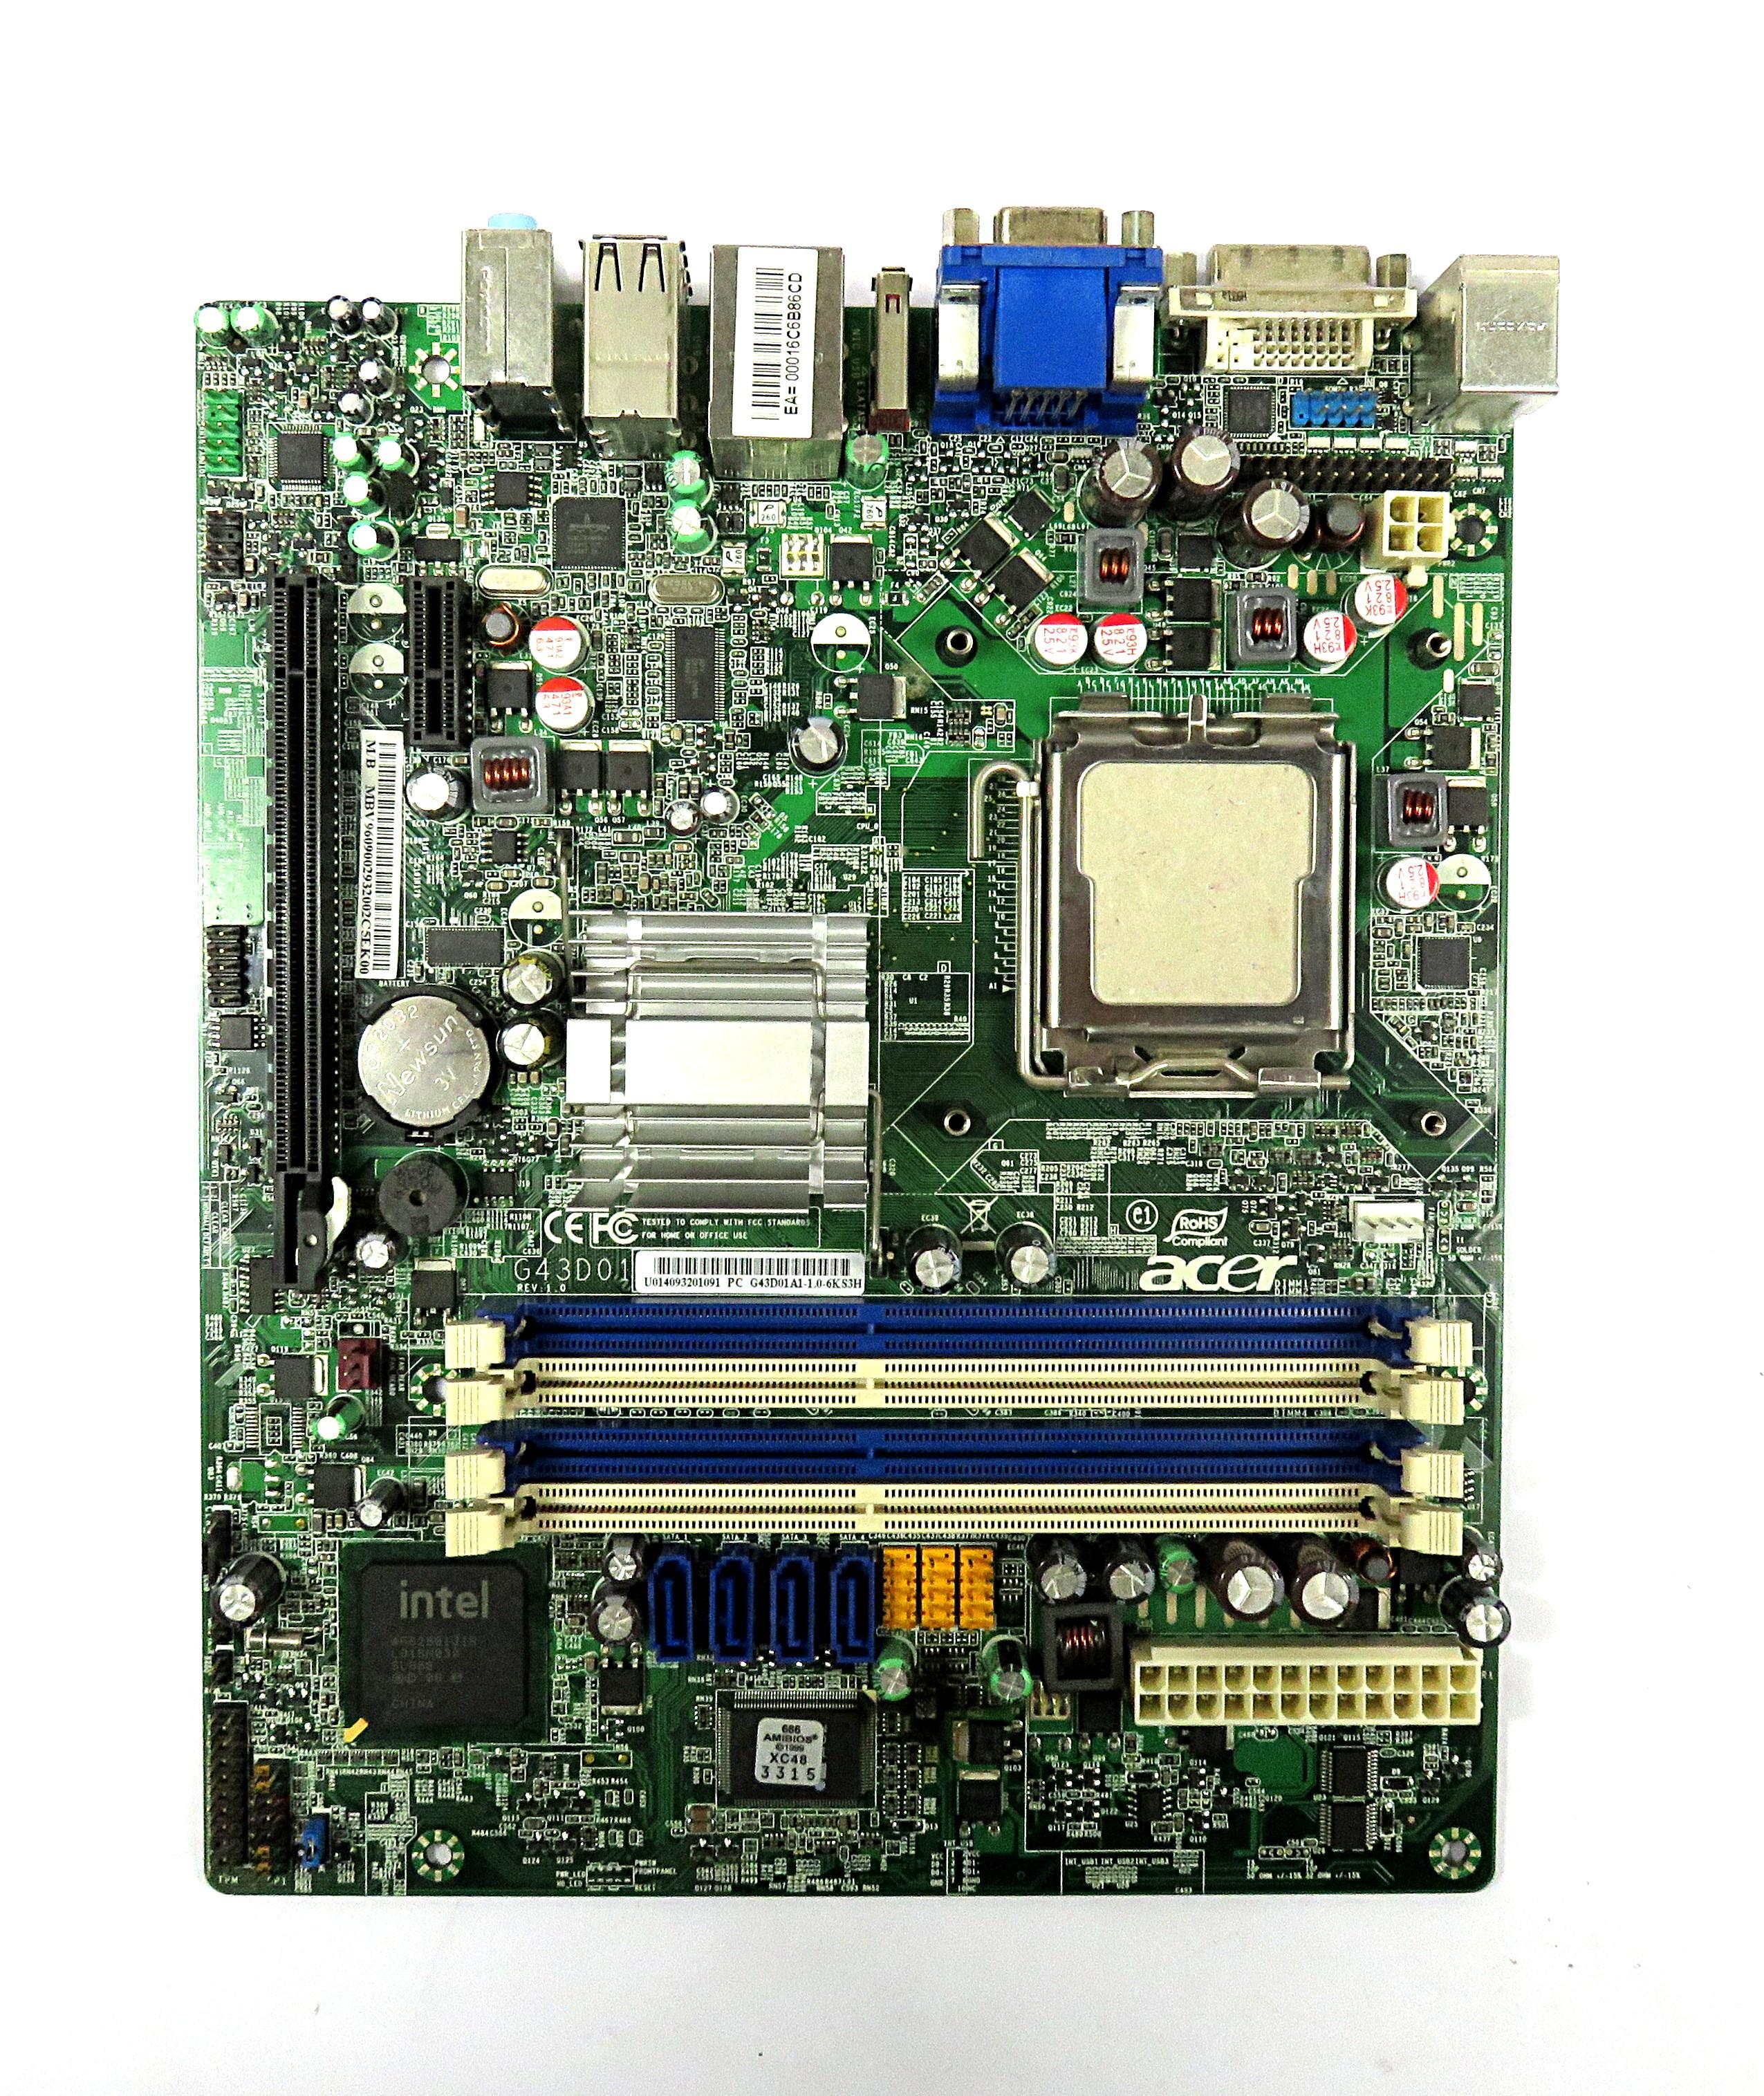 Acer G43D01A1-1.0-6KS3H Socket LGA775 uATX Motherboard MB.V9609.002